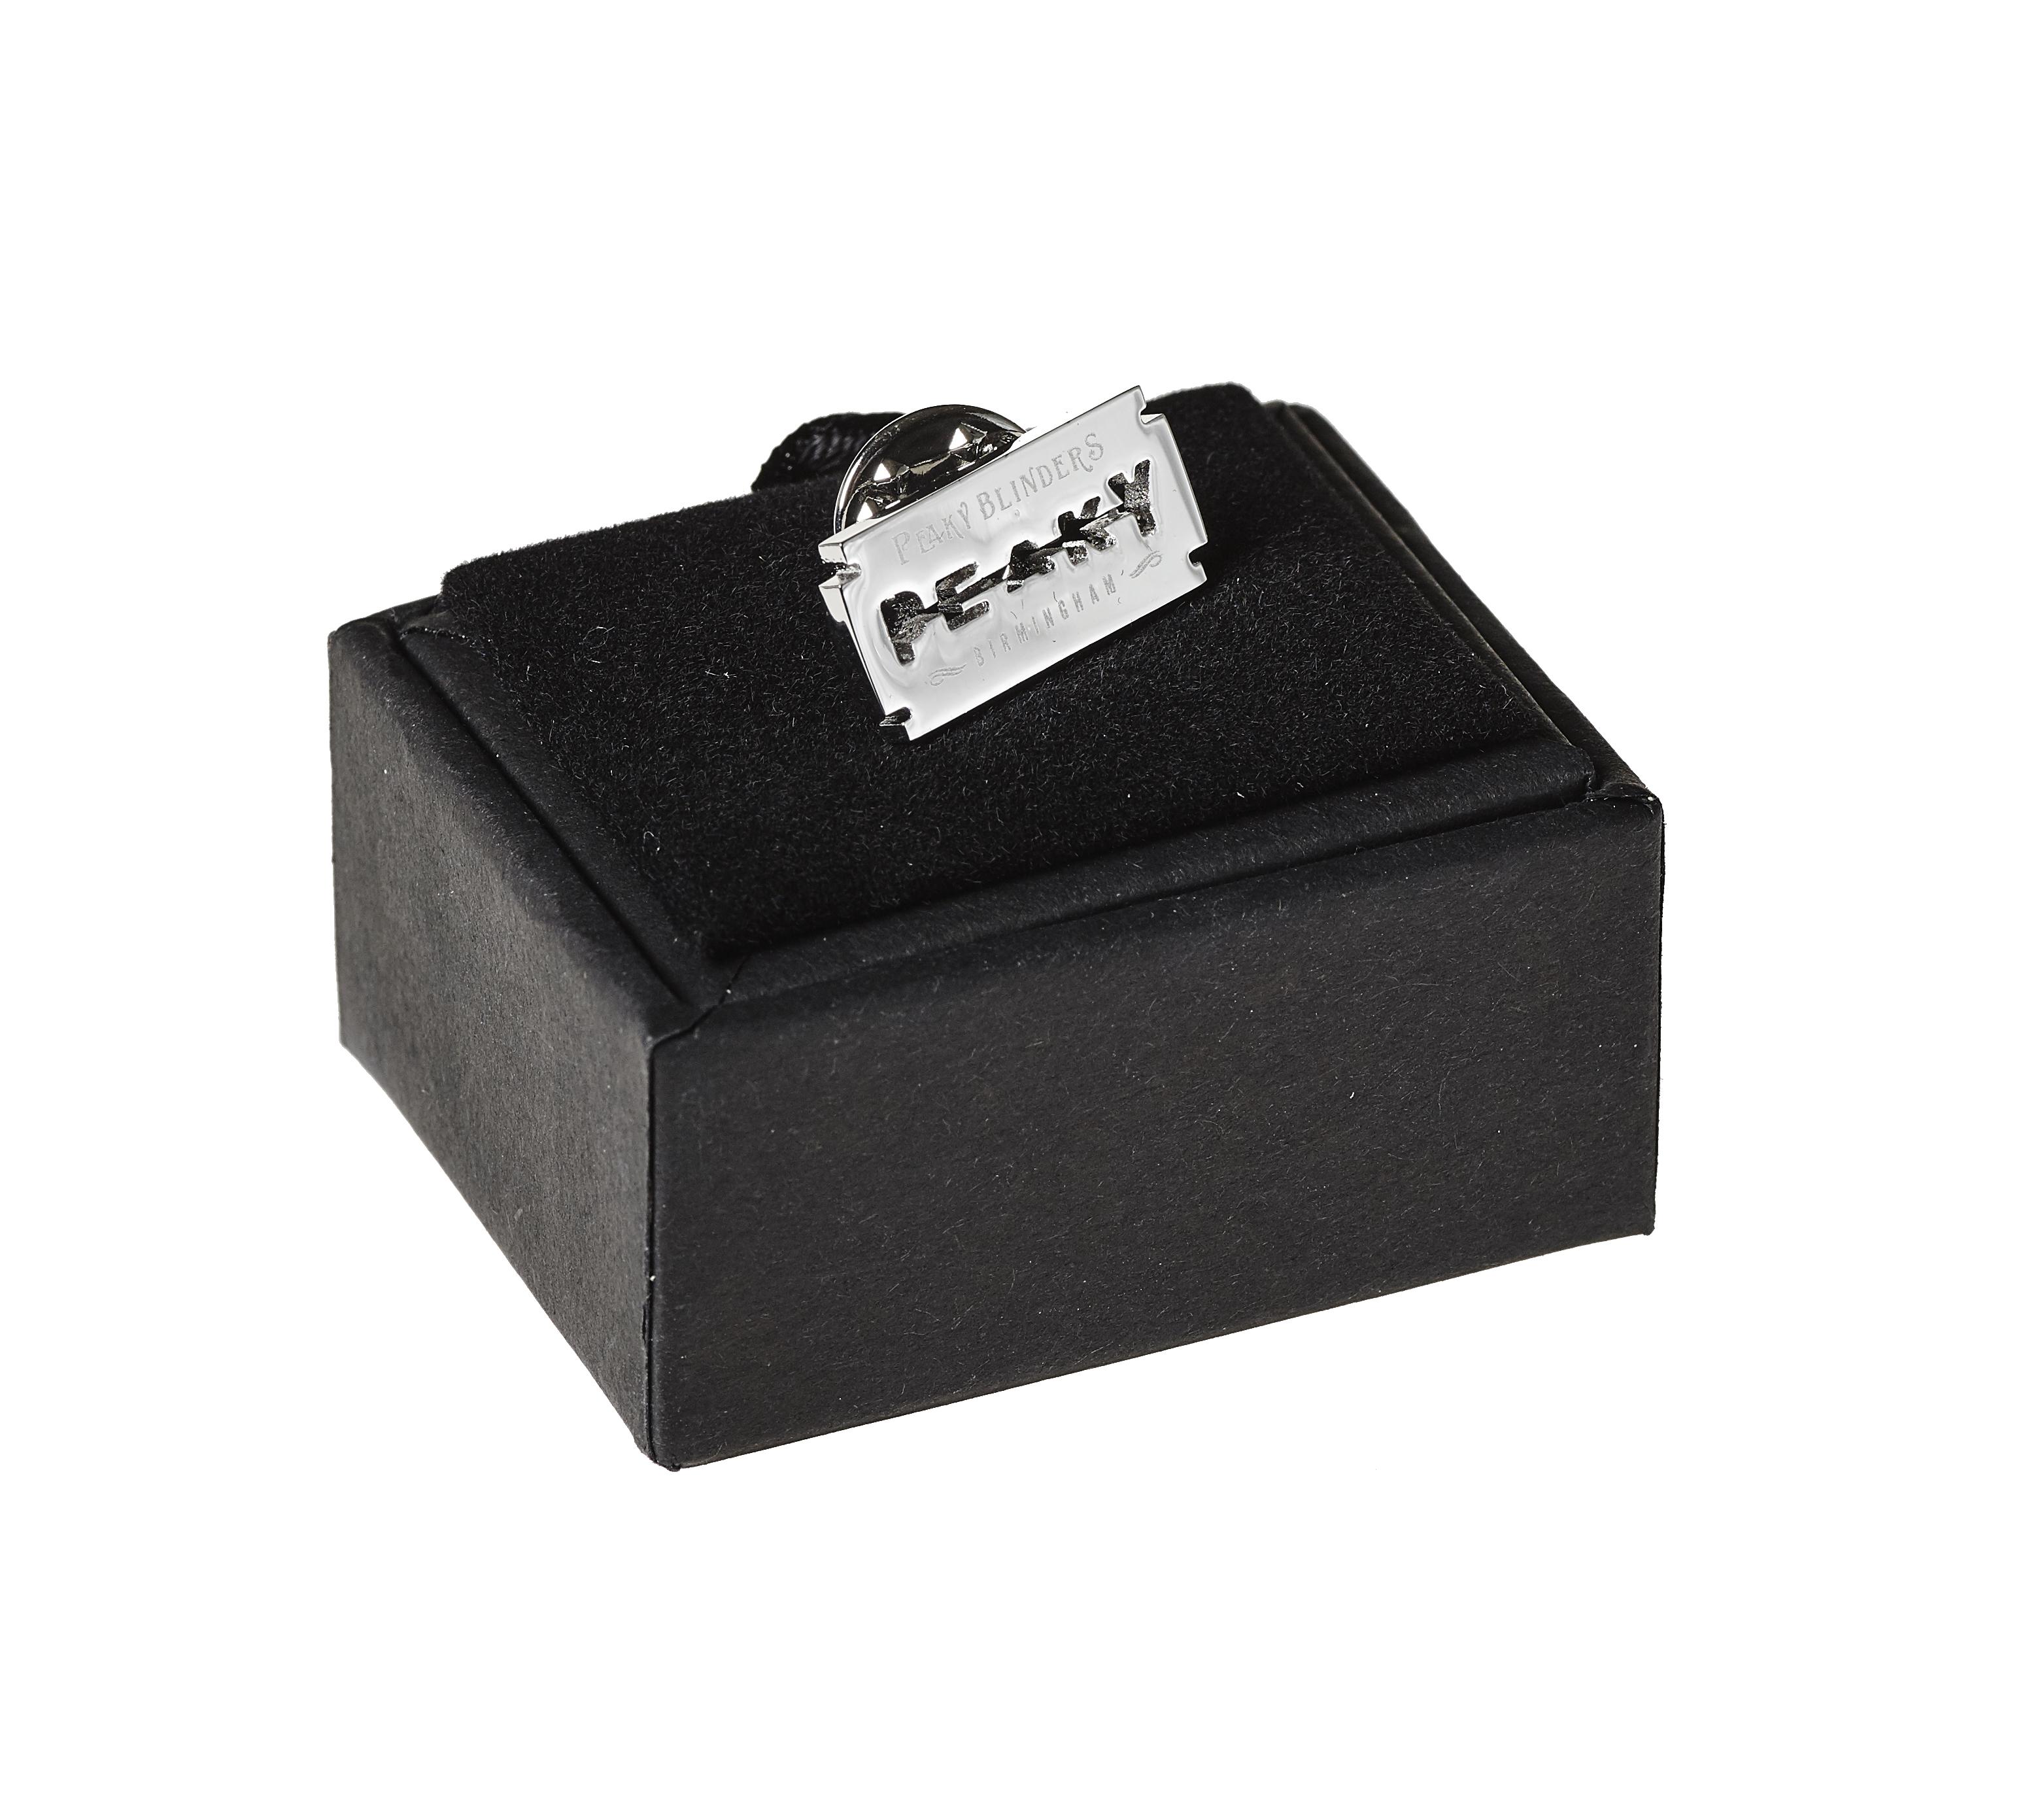 Peaky Blinders Peaky Blinders Pin Razor In Presentation Box